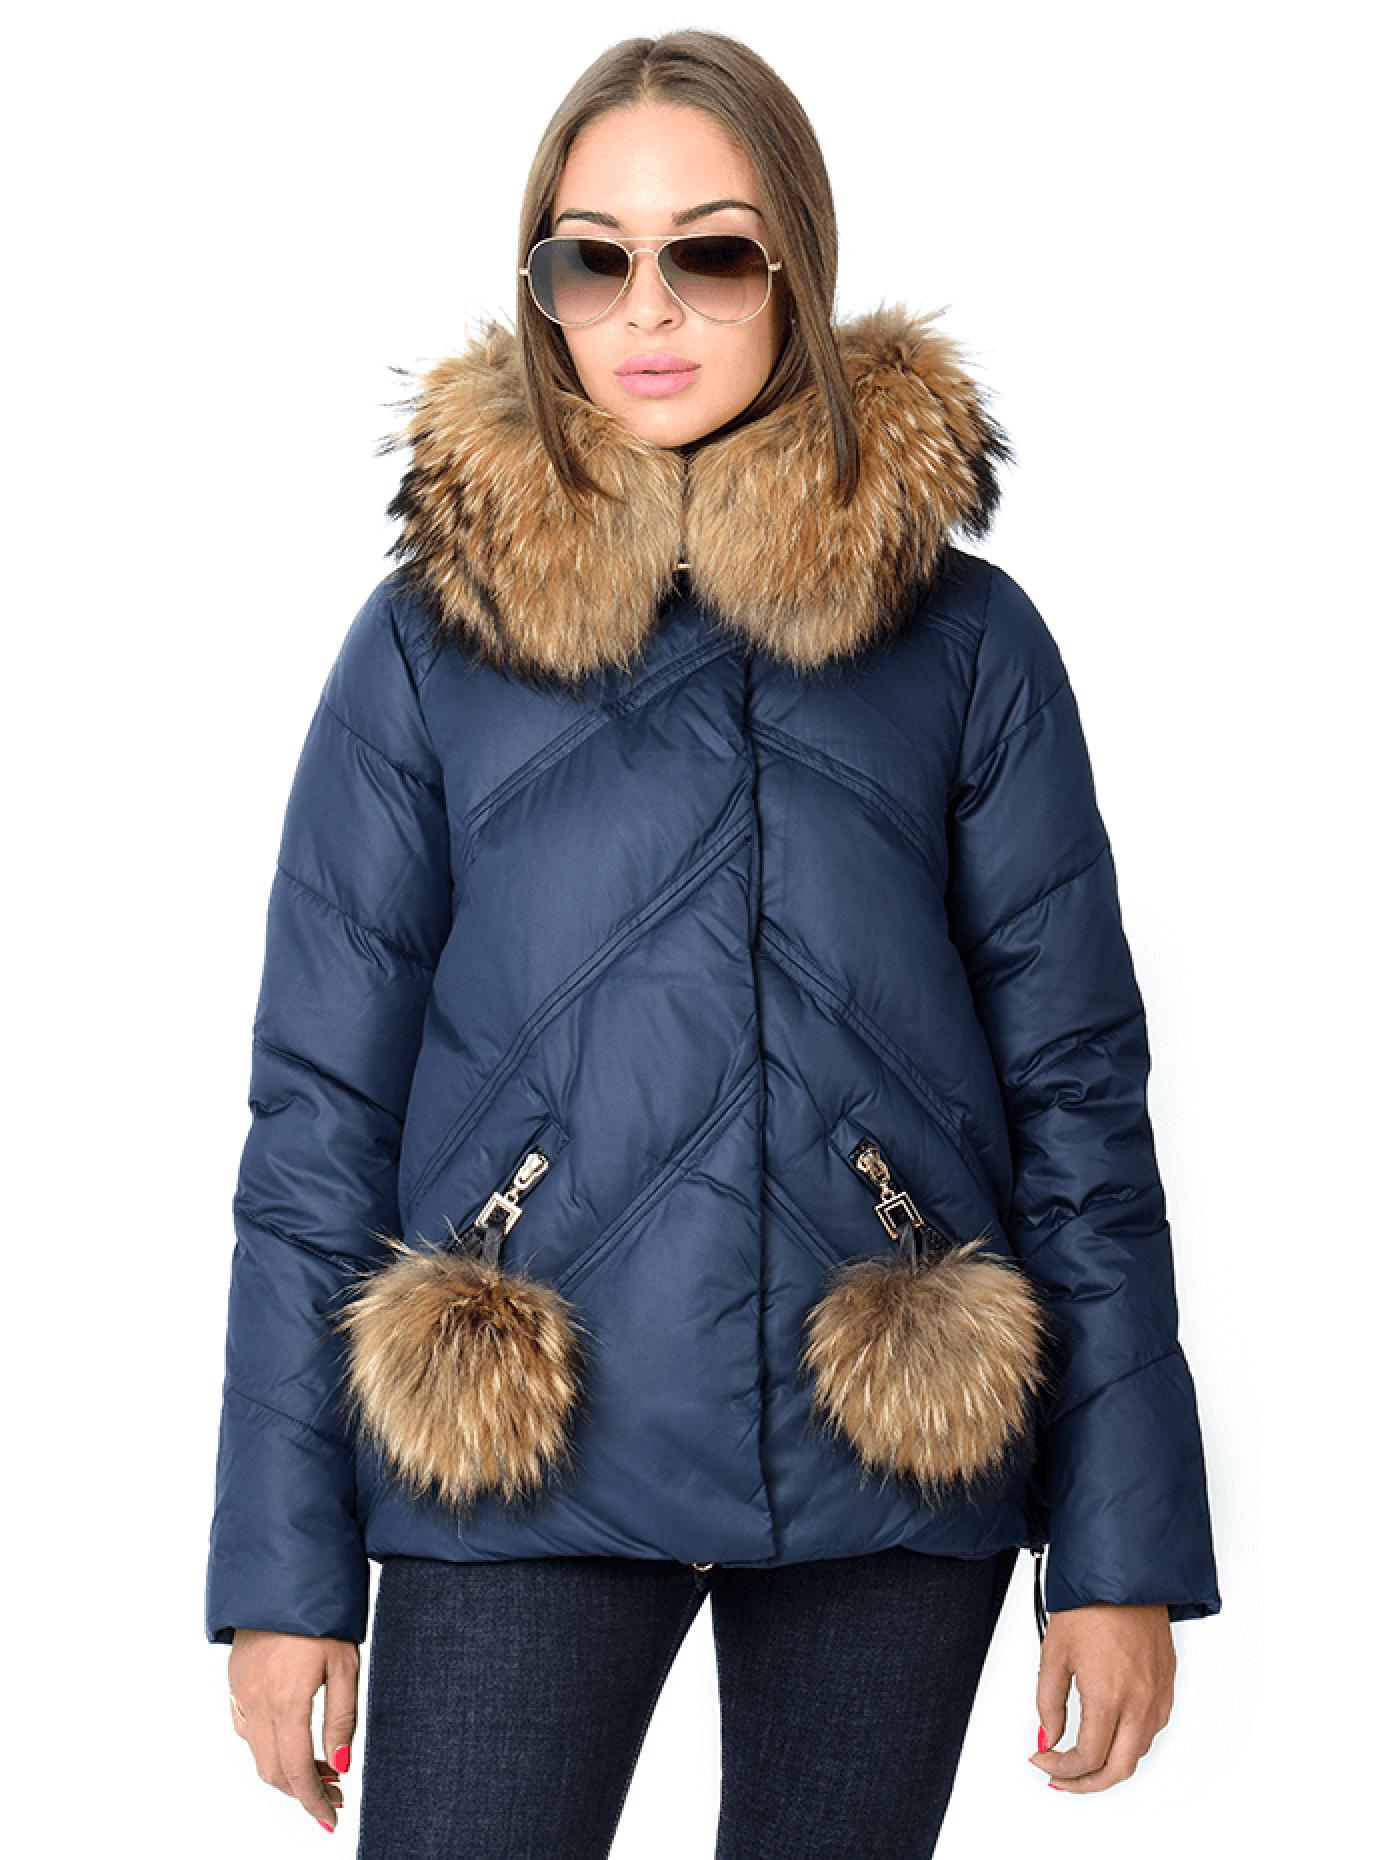 Зимняя куртка женская с мехом Чёрный S (05-CH19104): фото - Alster.ua